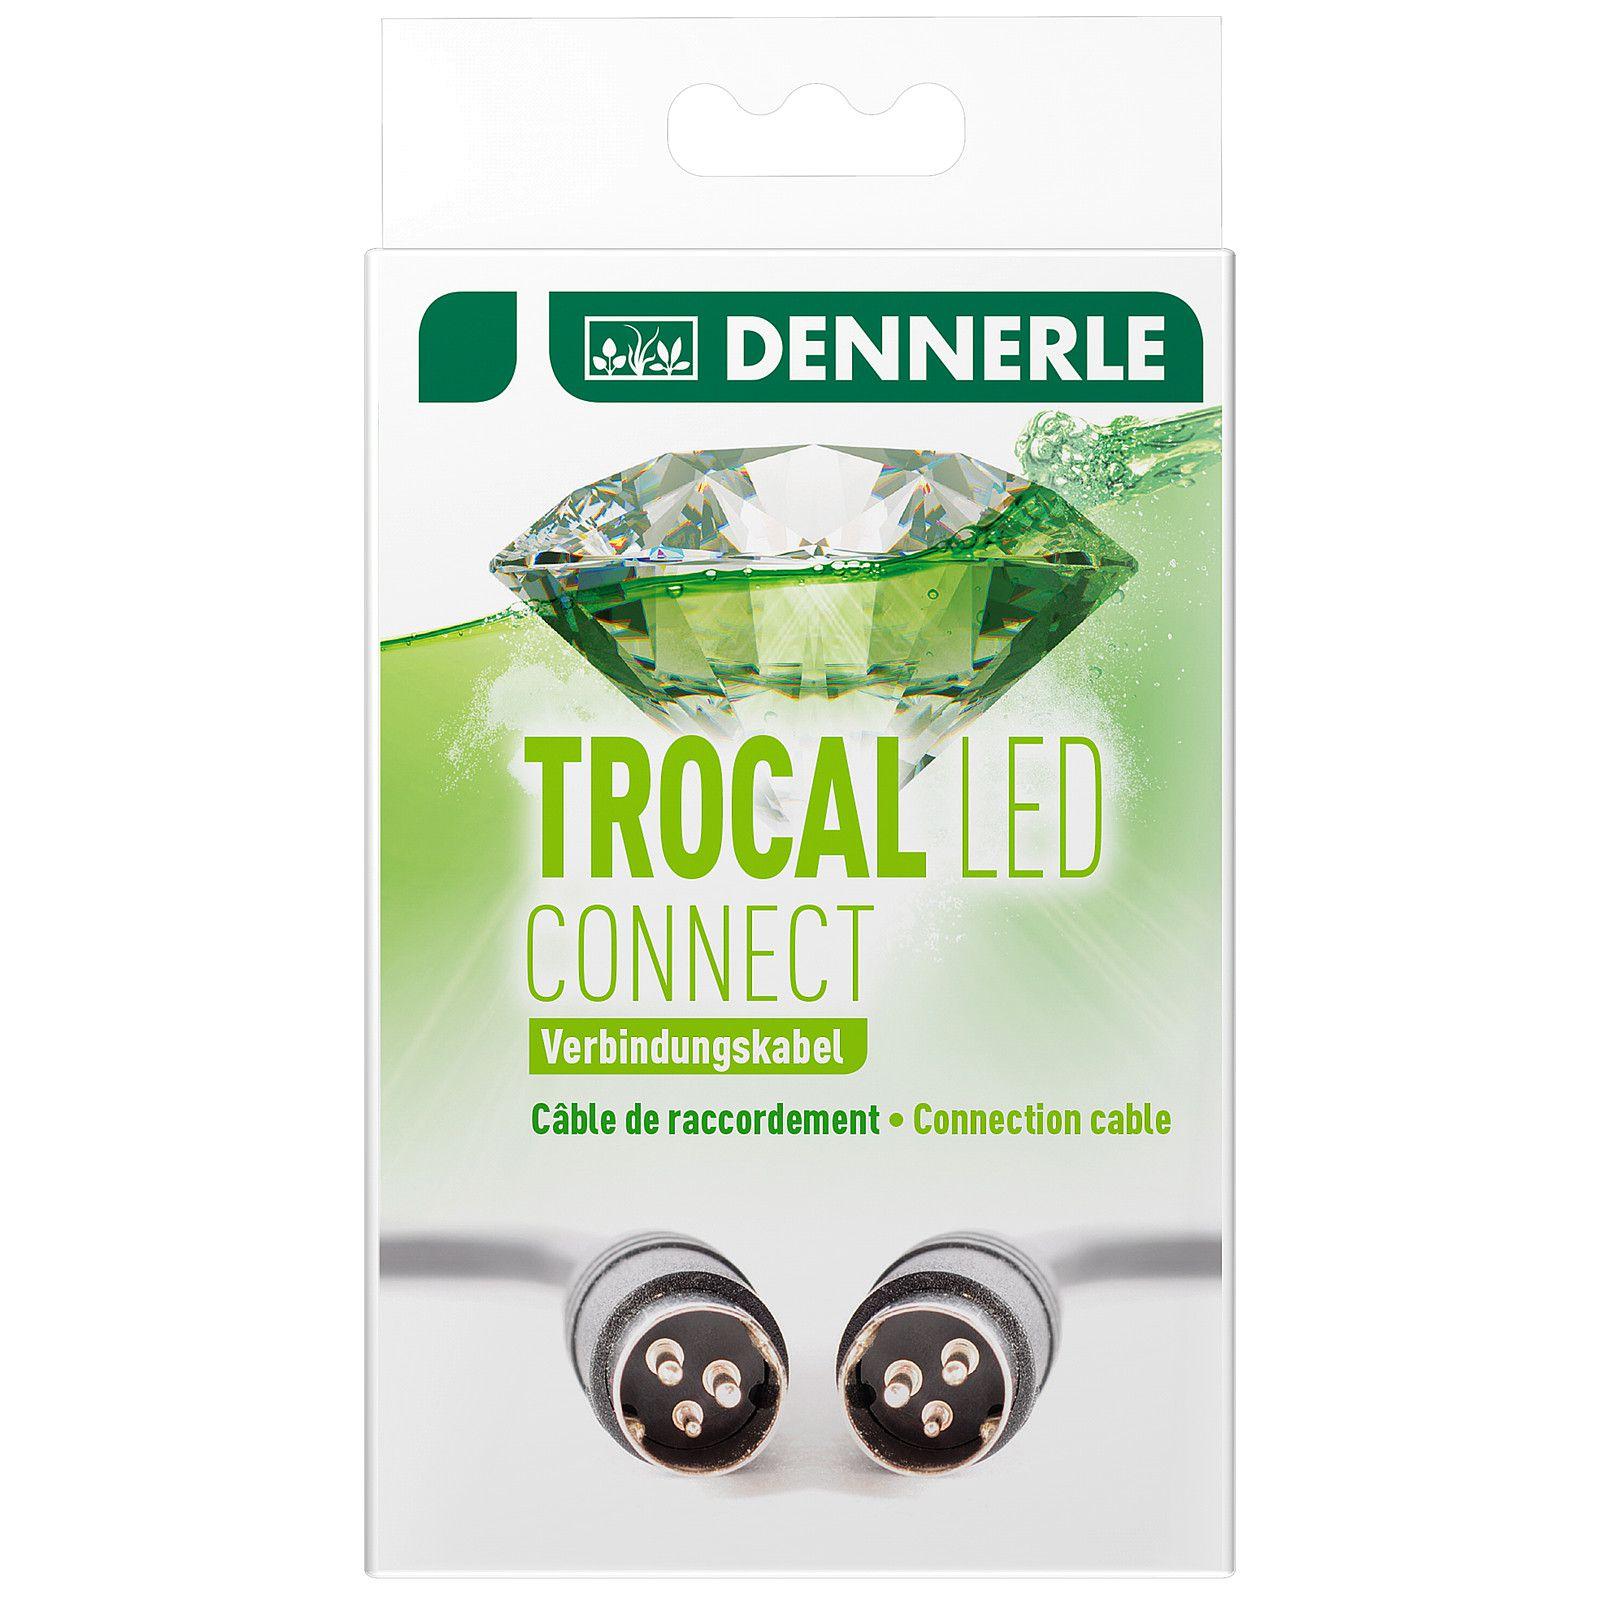 Trocal Led Control: Trocal LED